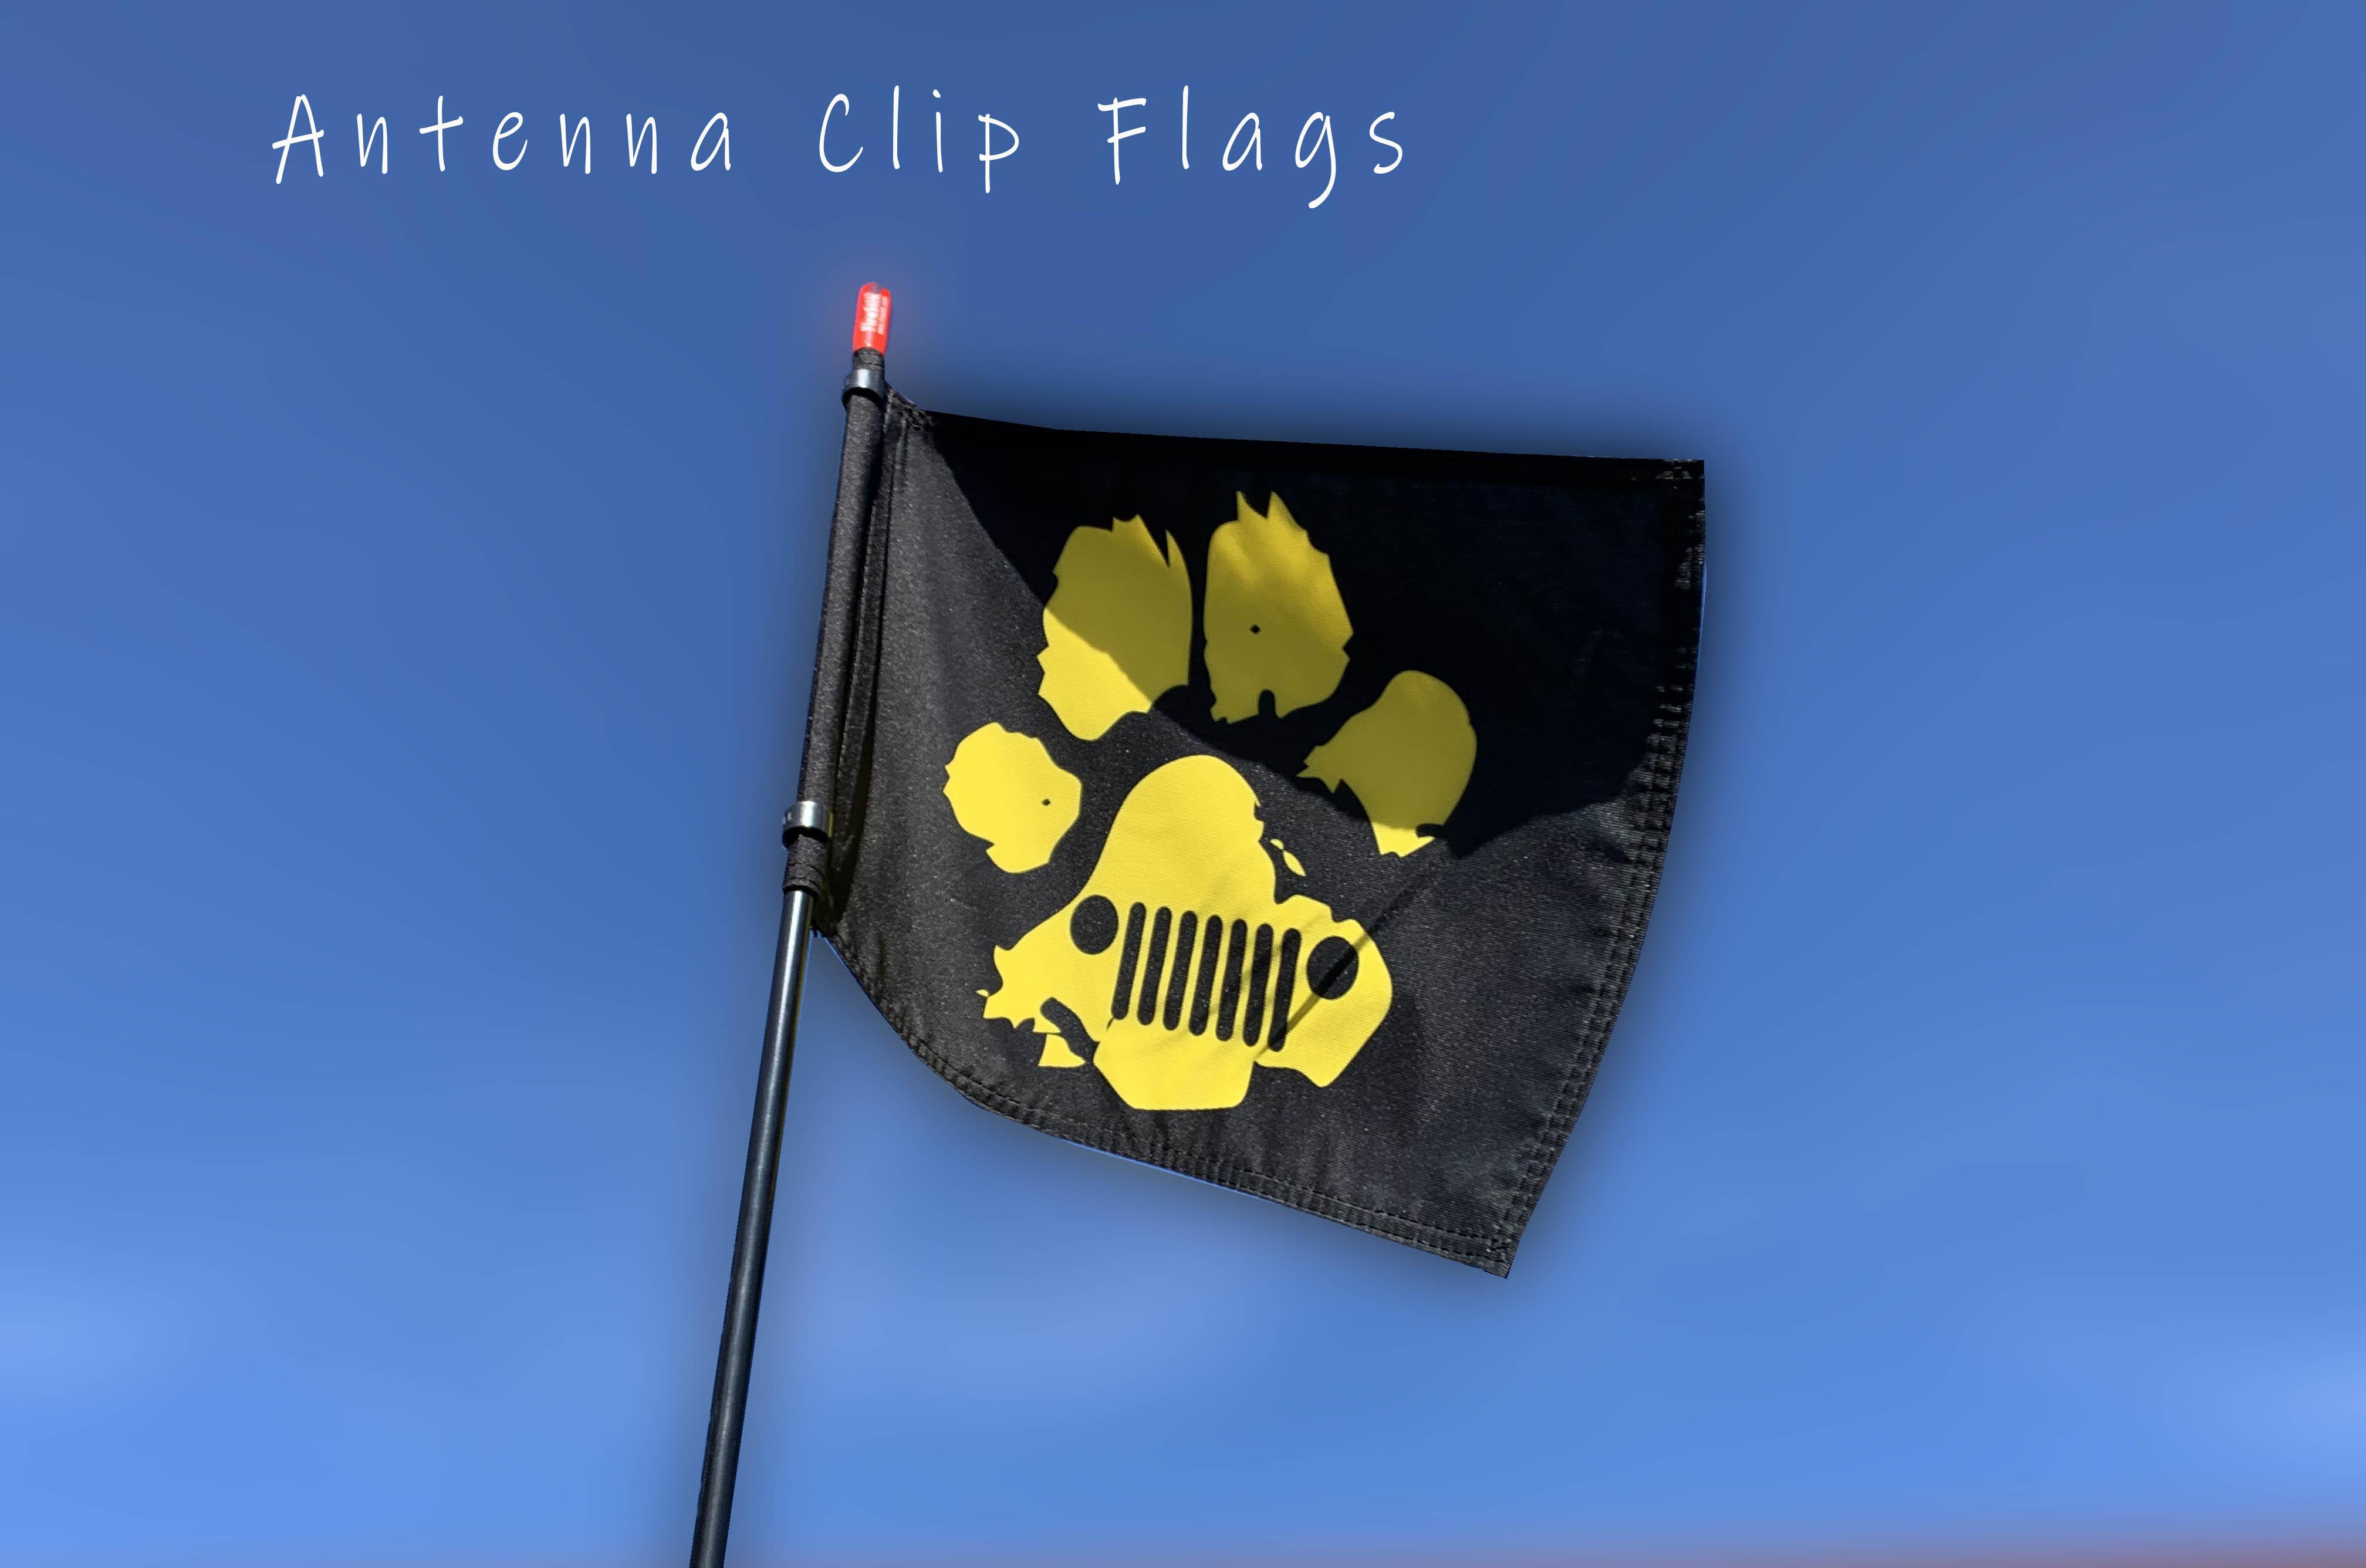 Antenna Clip Flag